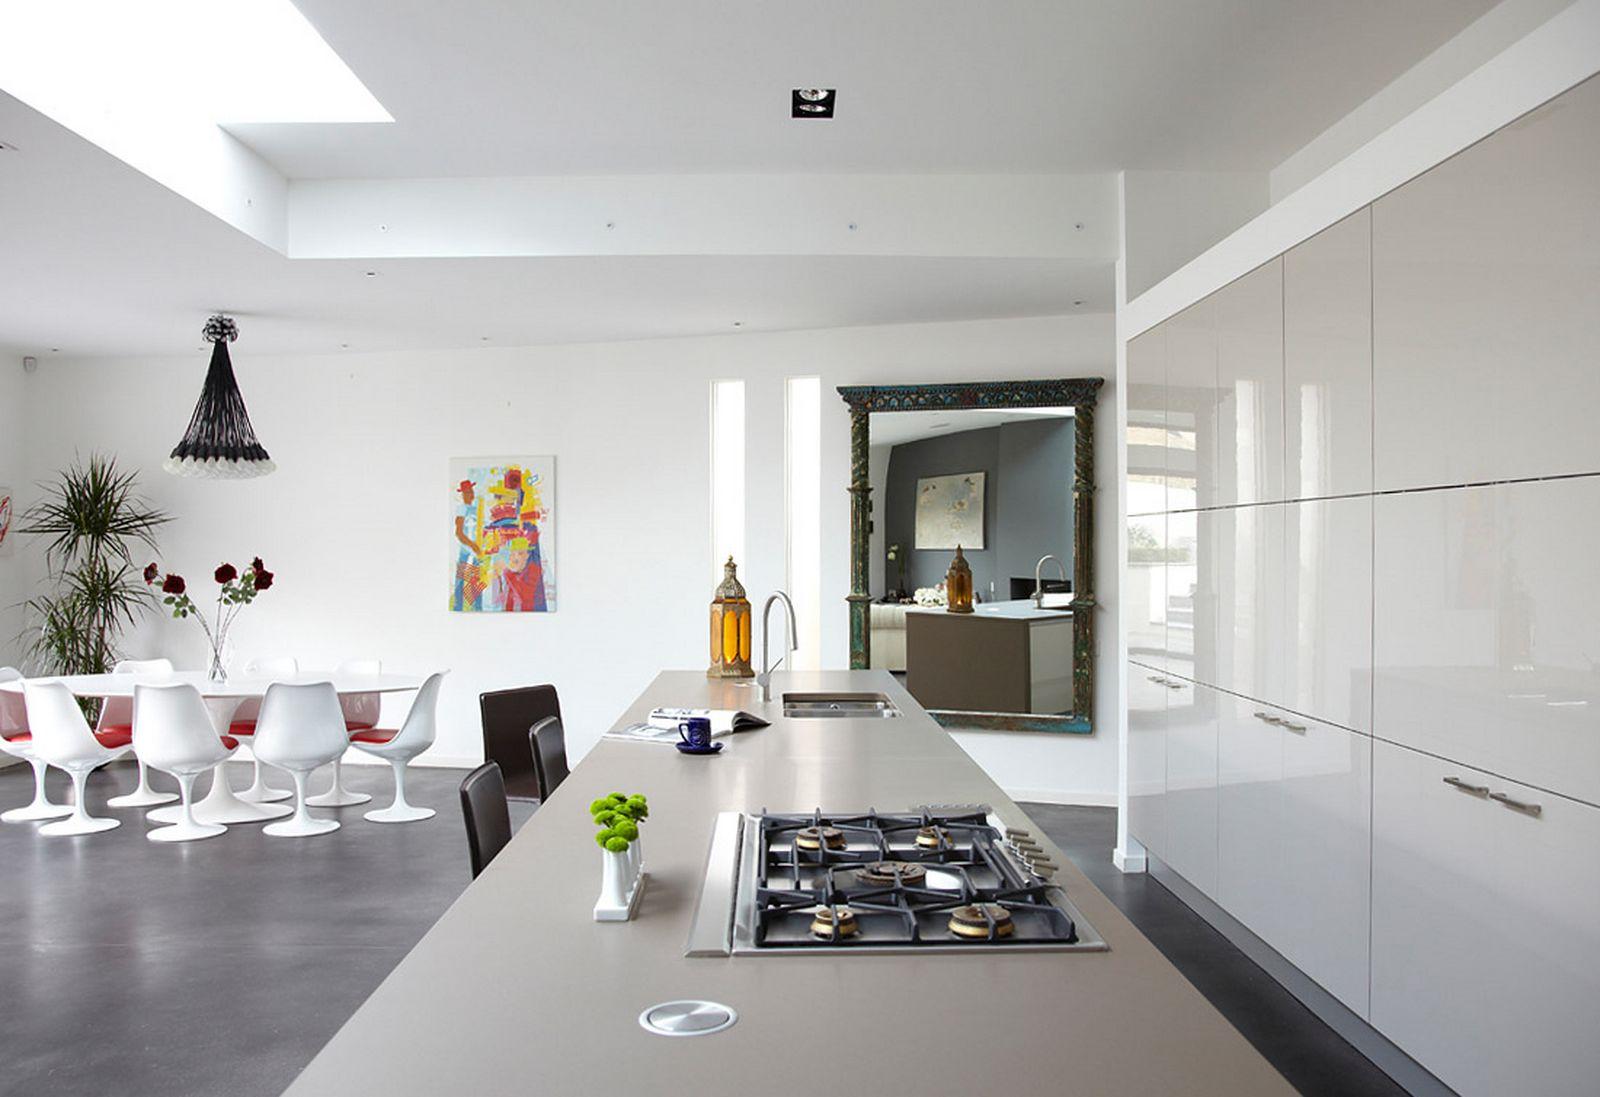 Aweinspiring Kitchen Tile Designs Ideas Most Kitchen Layout Kitchen Design Plan Ideas Ideas kitchen Ideas For Kitchen Design